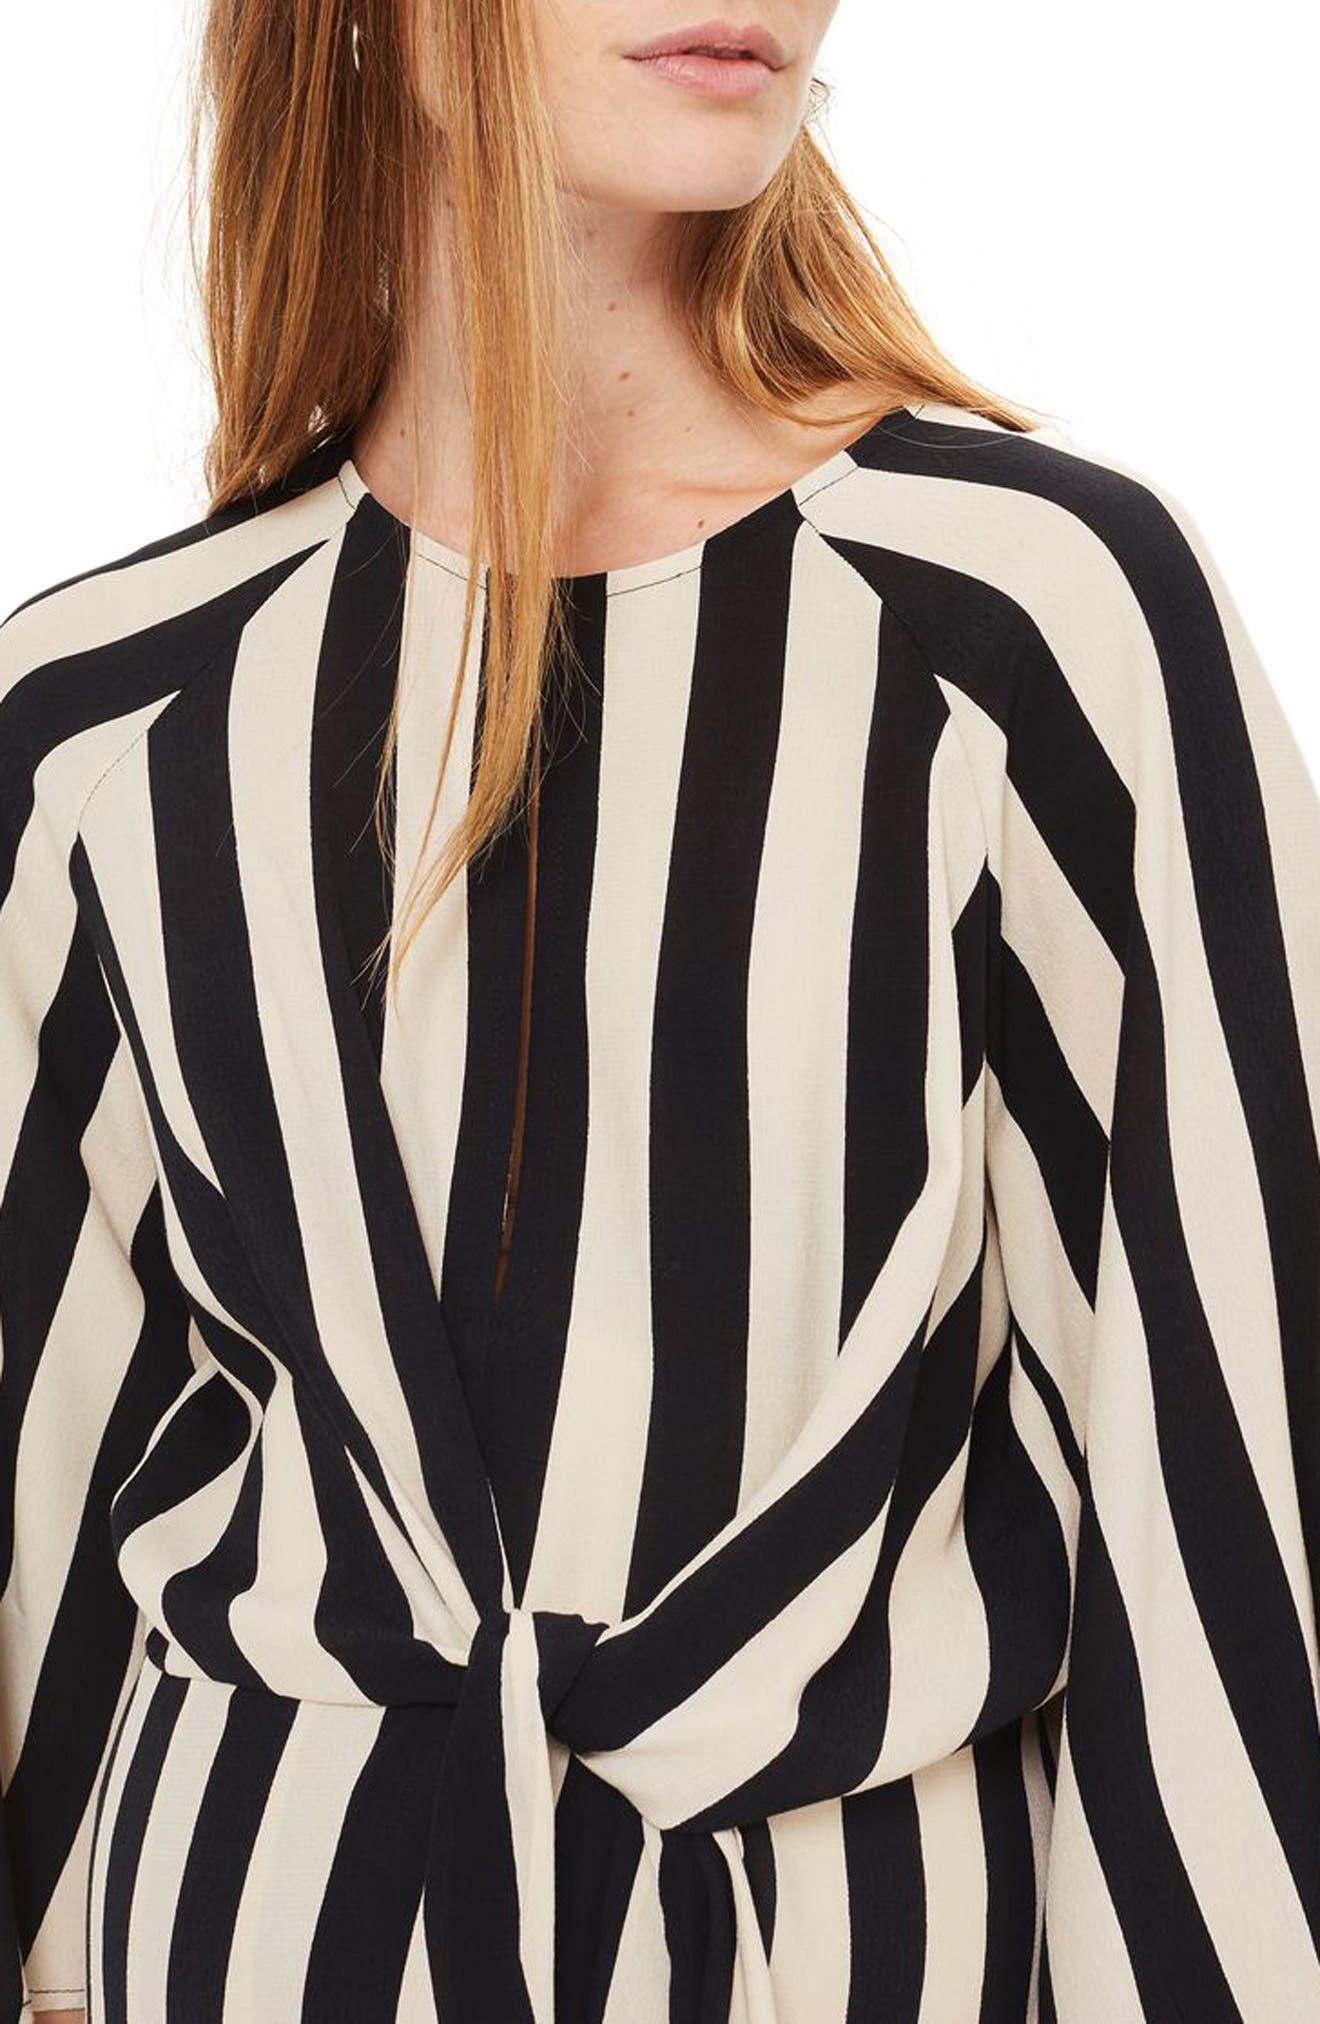 Humbug Stripe Knot Maternity Dress,                             Alternate thumbnail 3, color,                             900